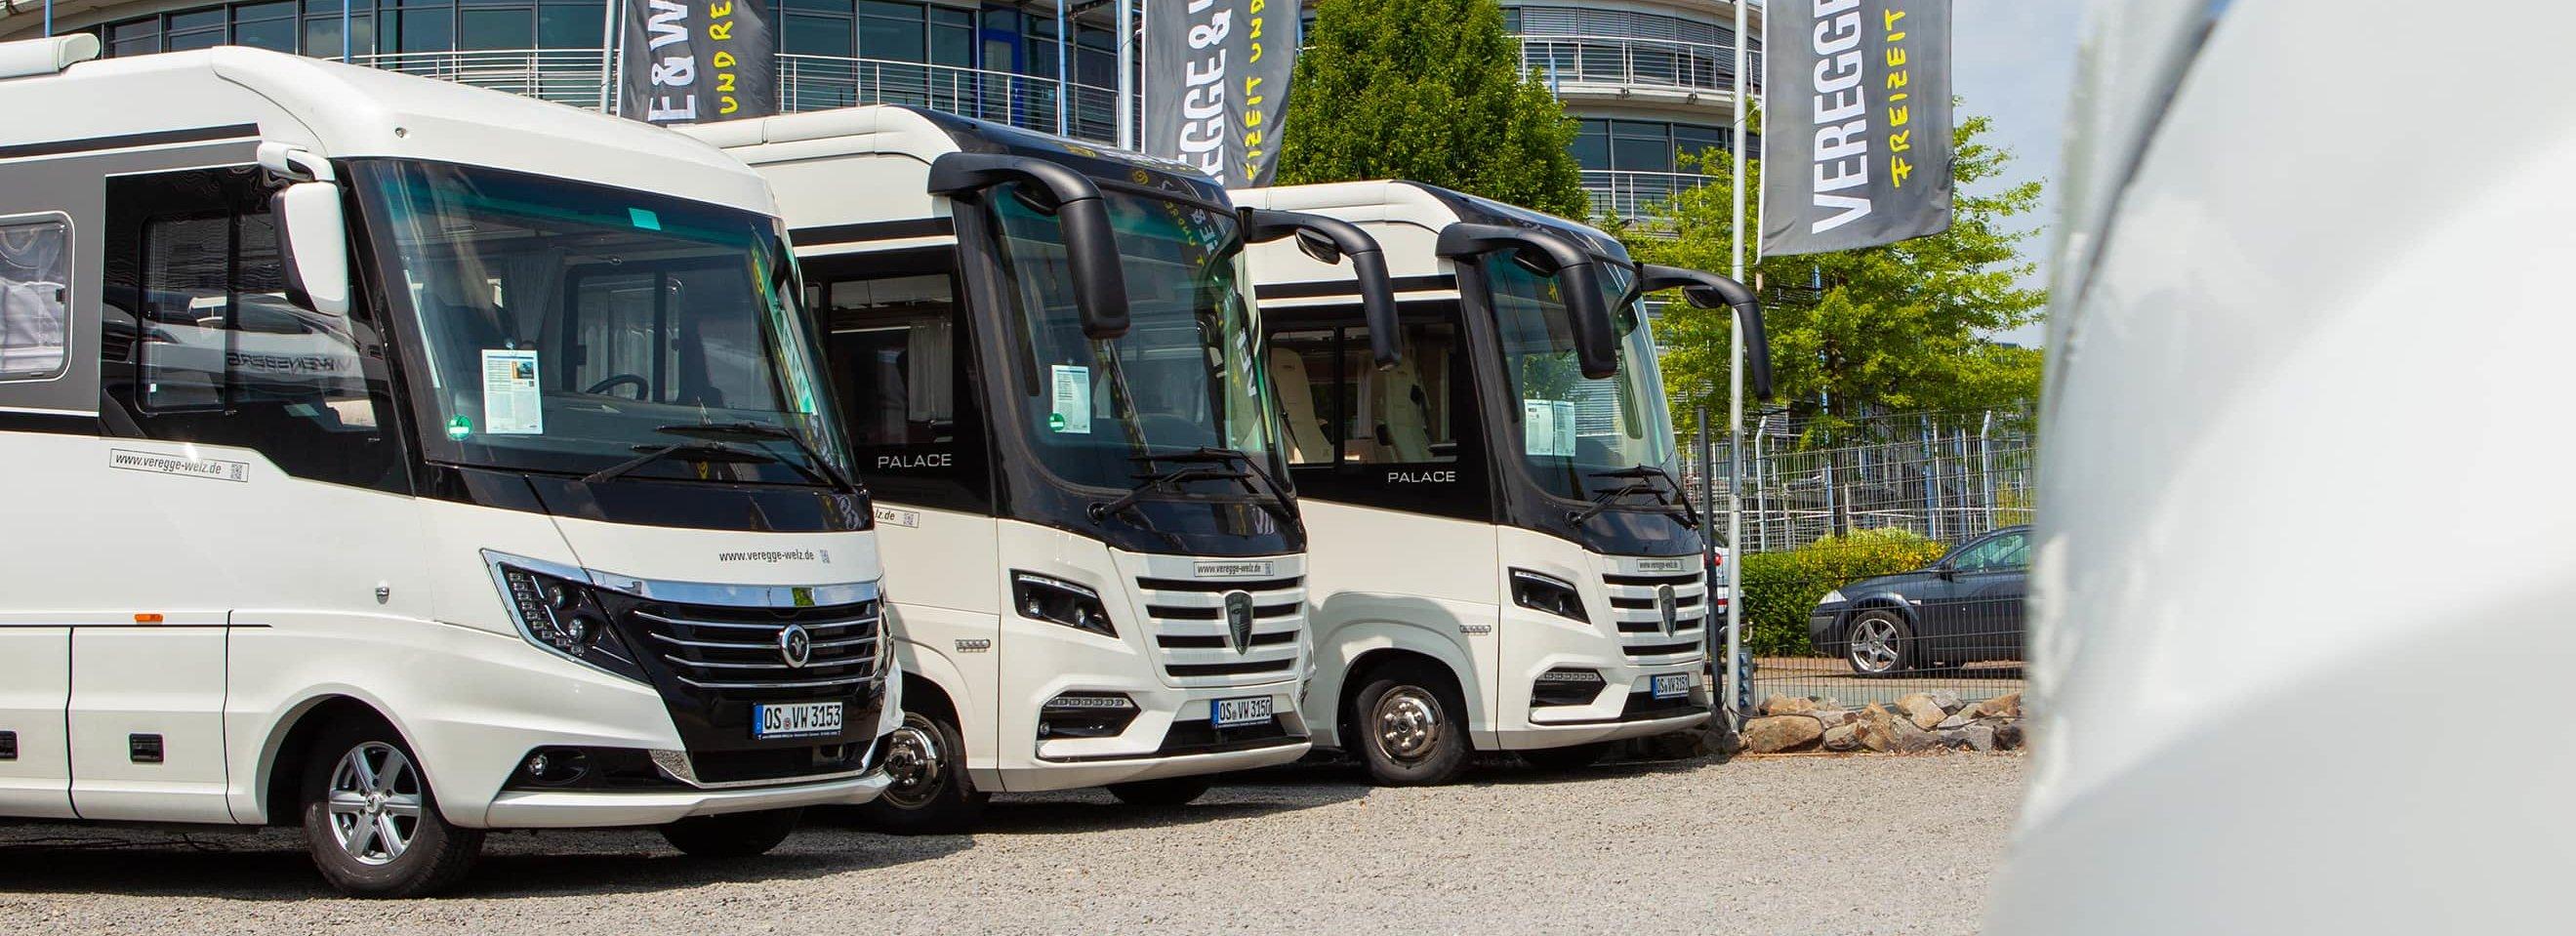 Luxus-Wohnmobile mieten bei VEREGGE & WELZ